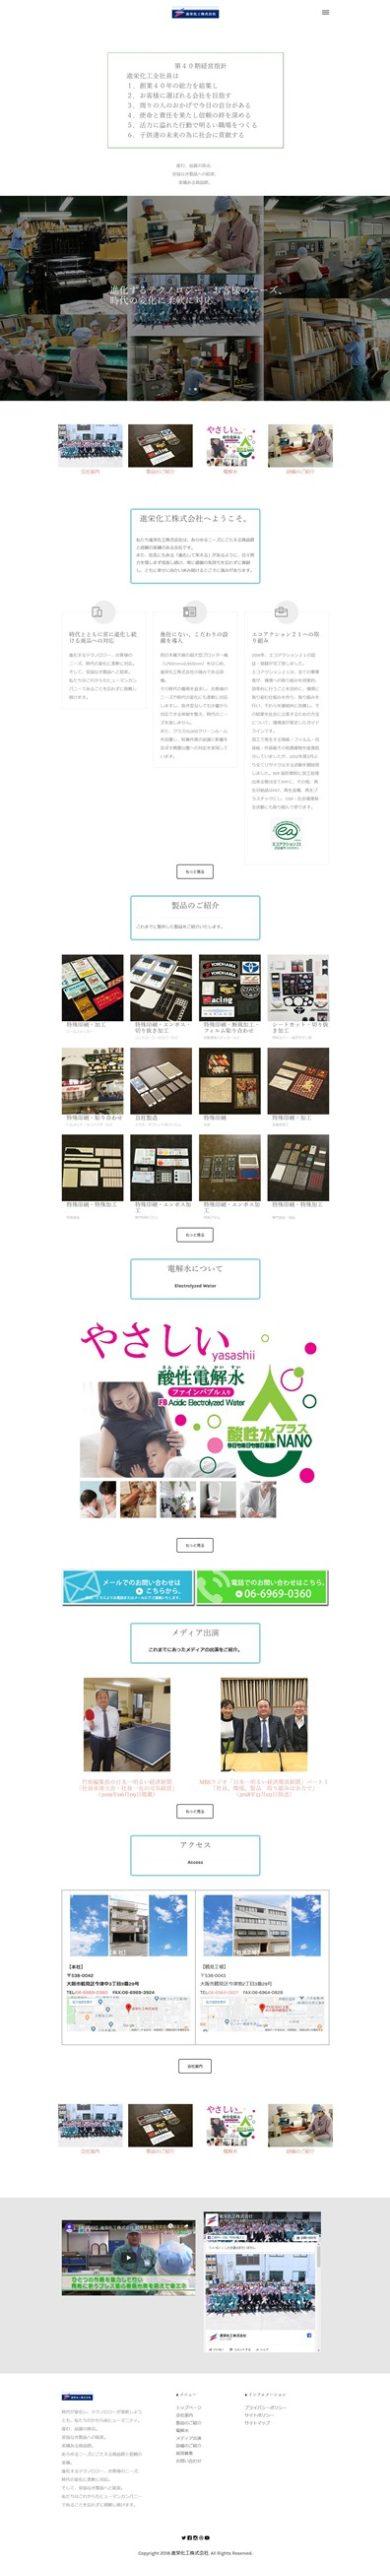 進栄化工株式会社様PC用WEBサイト